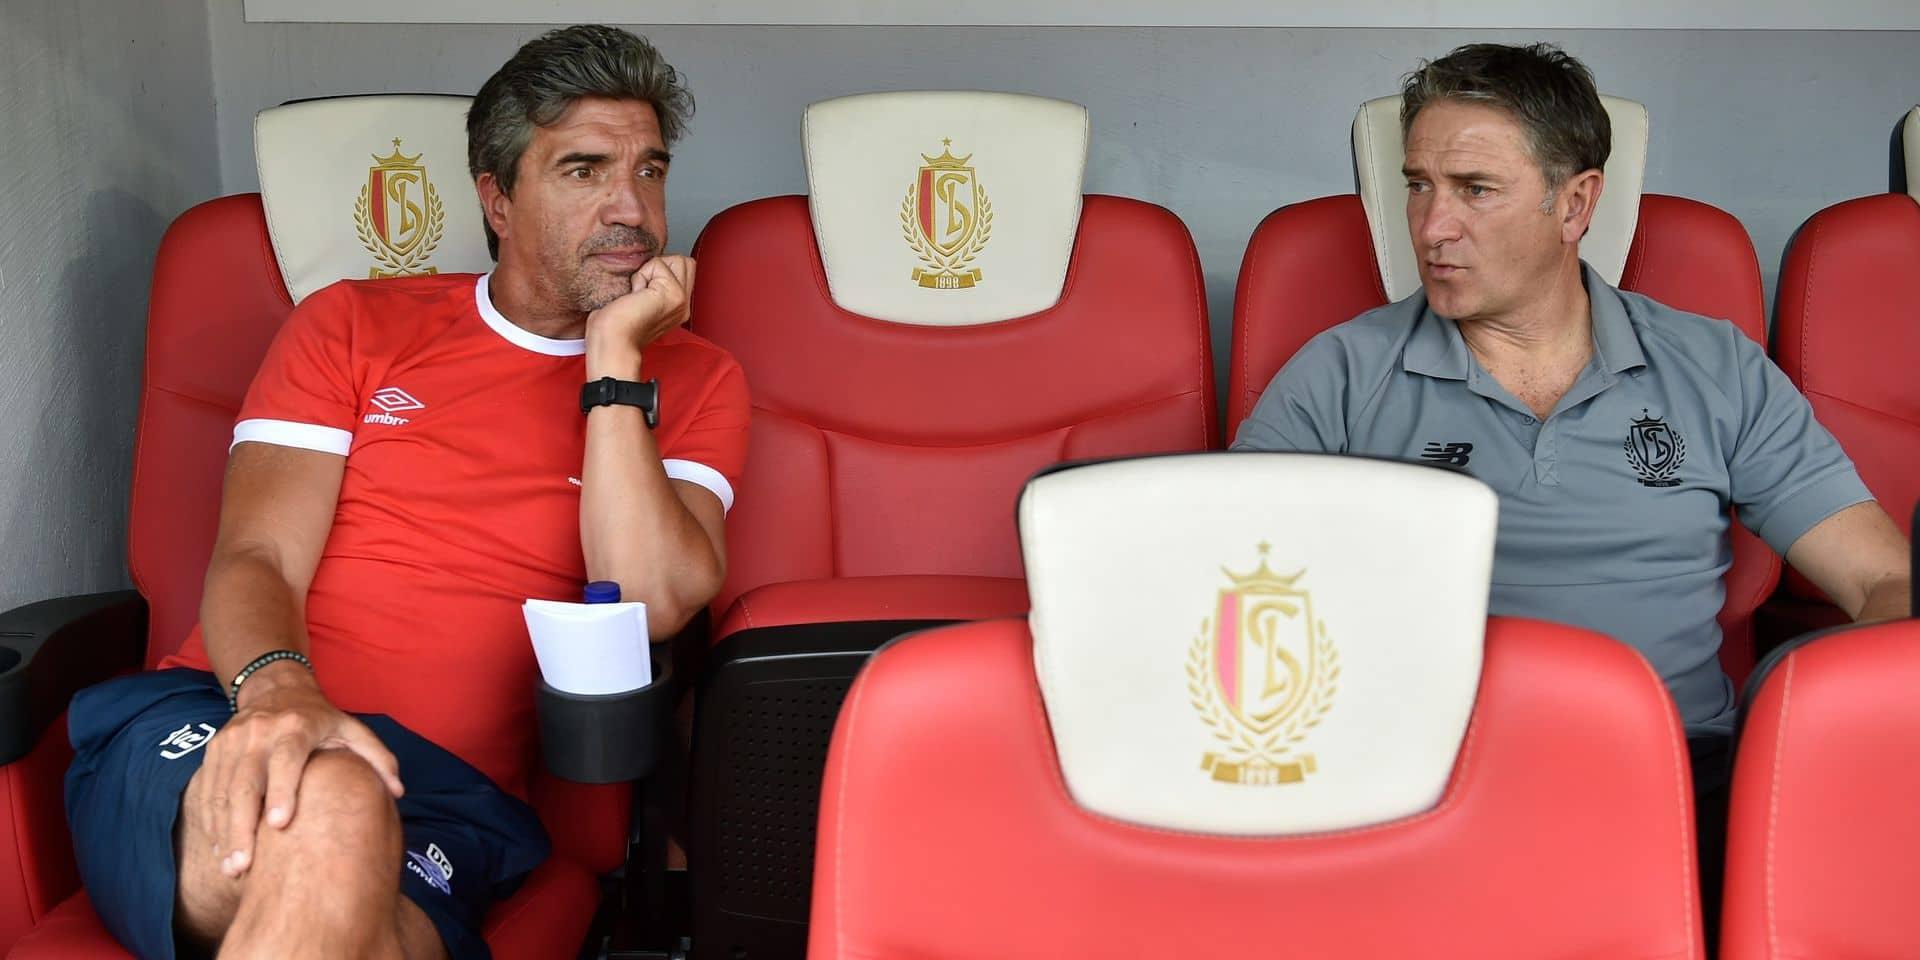 Le Standard s'impose facilement dans le deuxième match contre Reims (3-0)